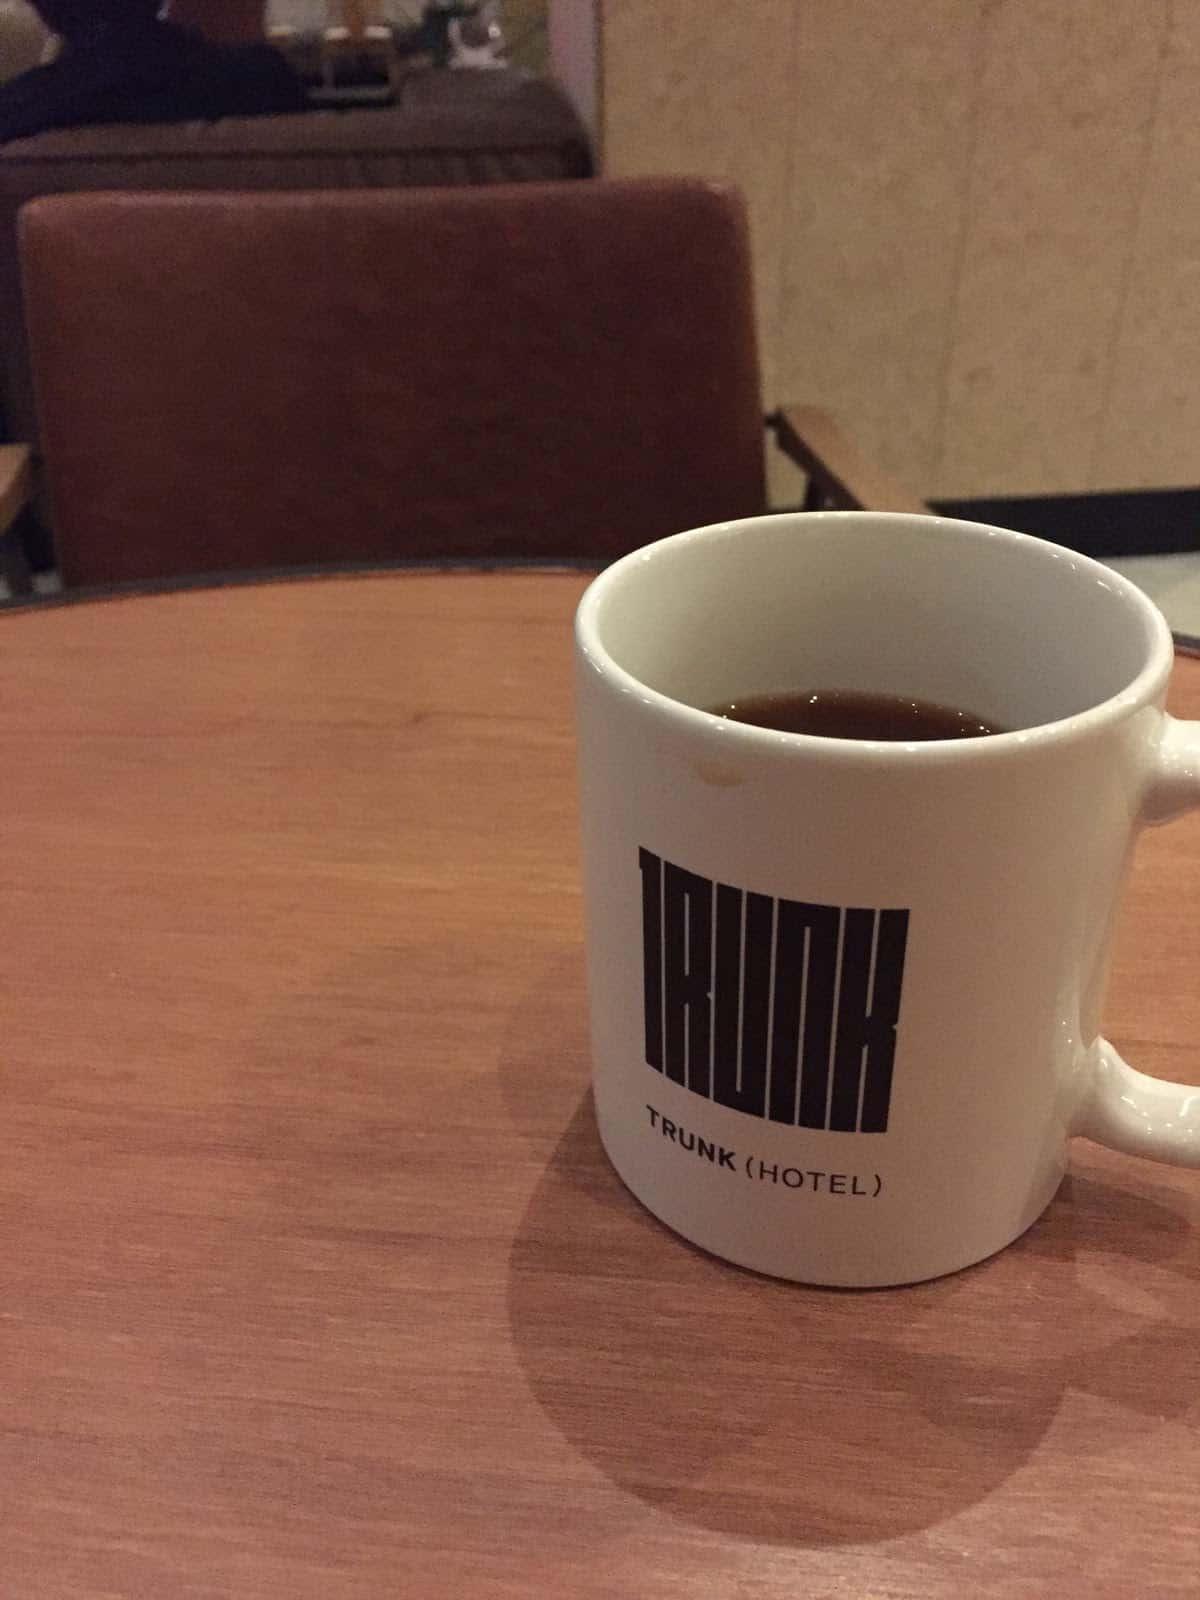 IMG 6903 - 渋谷に社会貢献をコンセプトにしたホテル「トランクホテル」ができたので見に行ってきた。